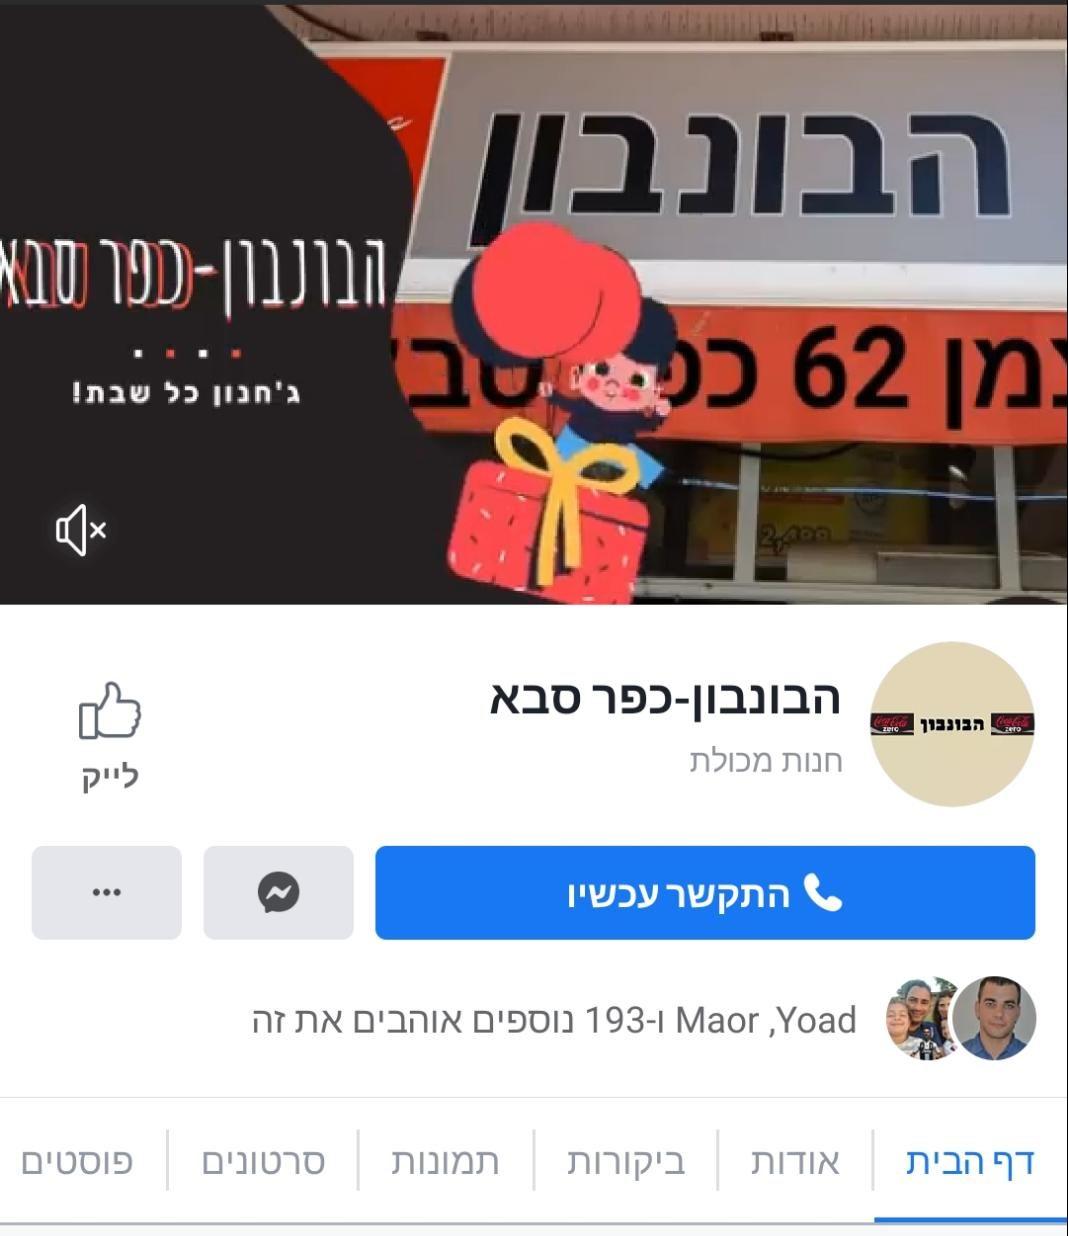 הבונבון כפר סבא קידום בפייסבוק שיווק בעידן הדיגיטל